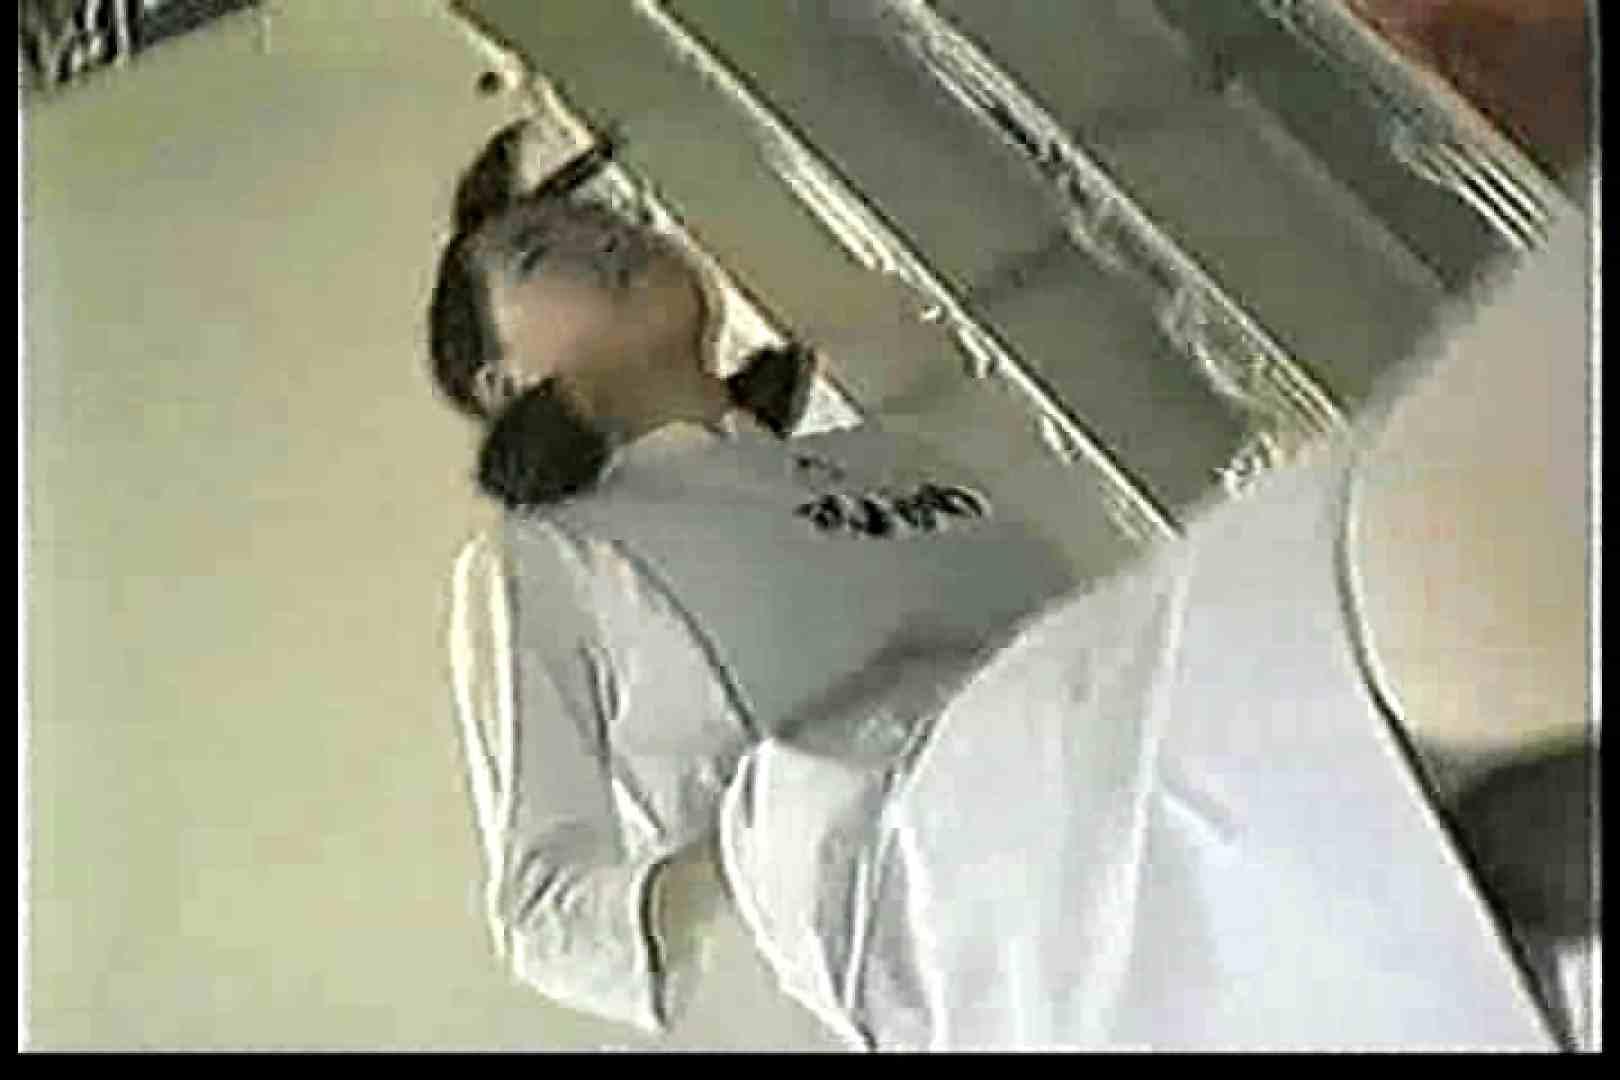 院内密着!看護婦達の下半身事情Vol.2 覗き 盗み撮り動画キャプチャ 93pic 47